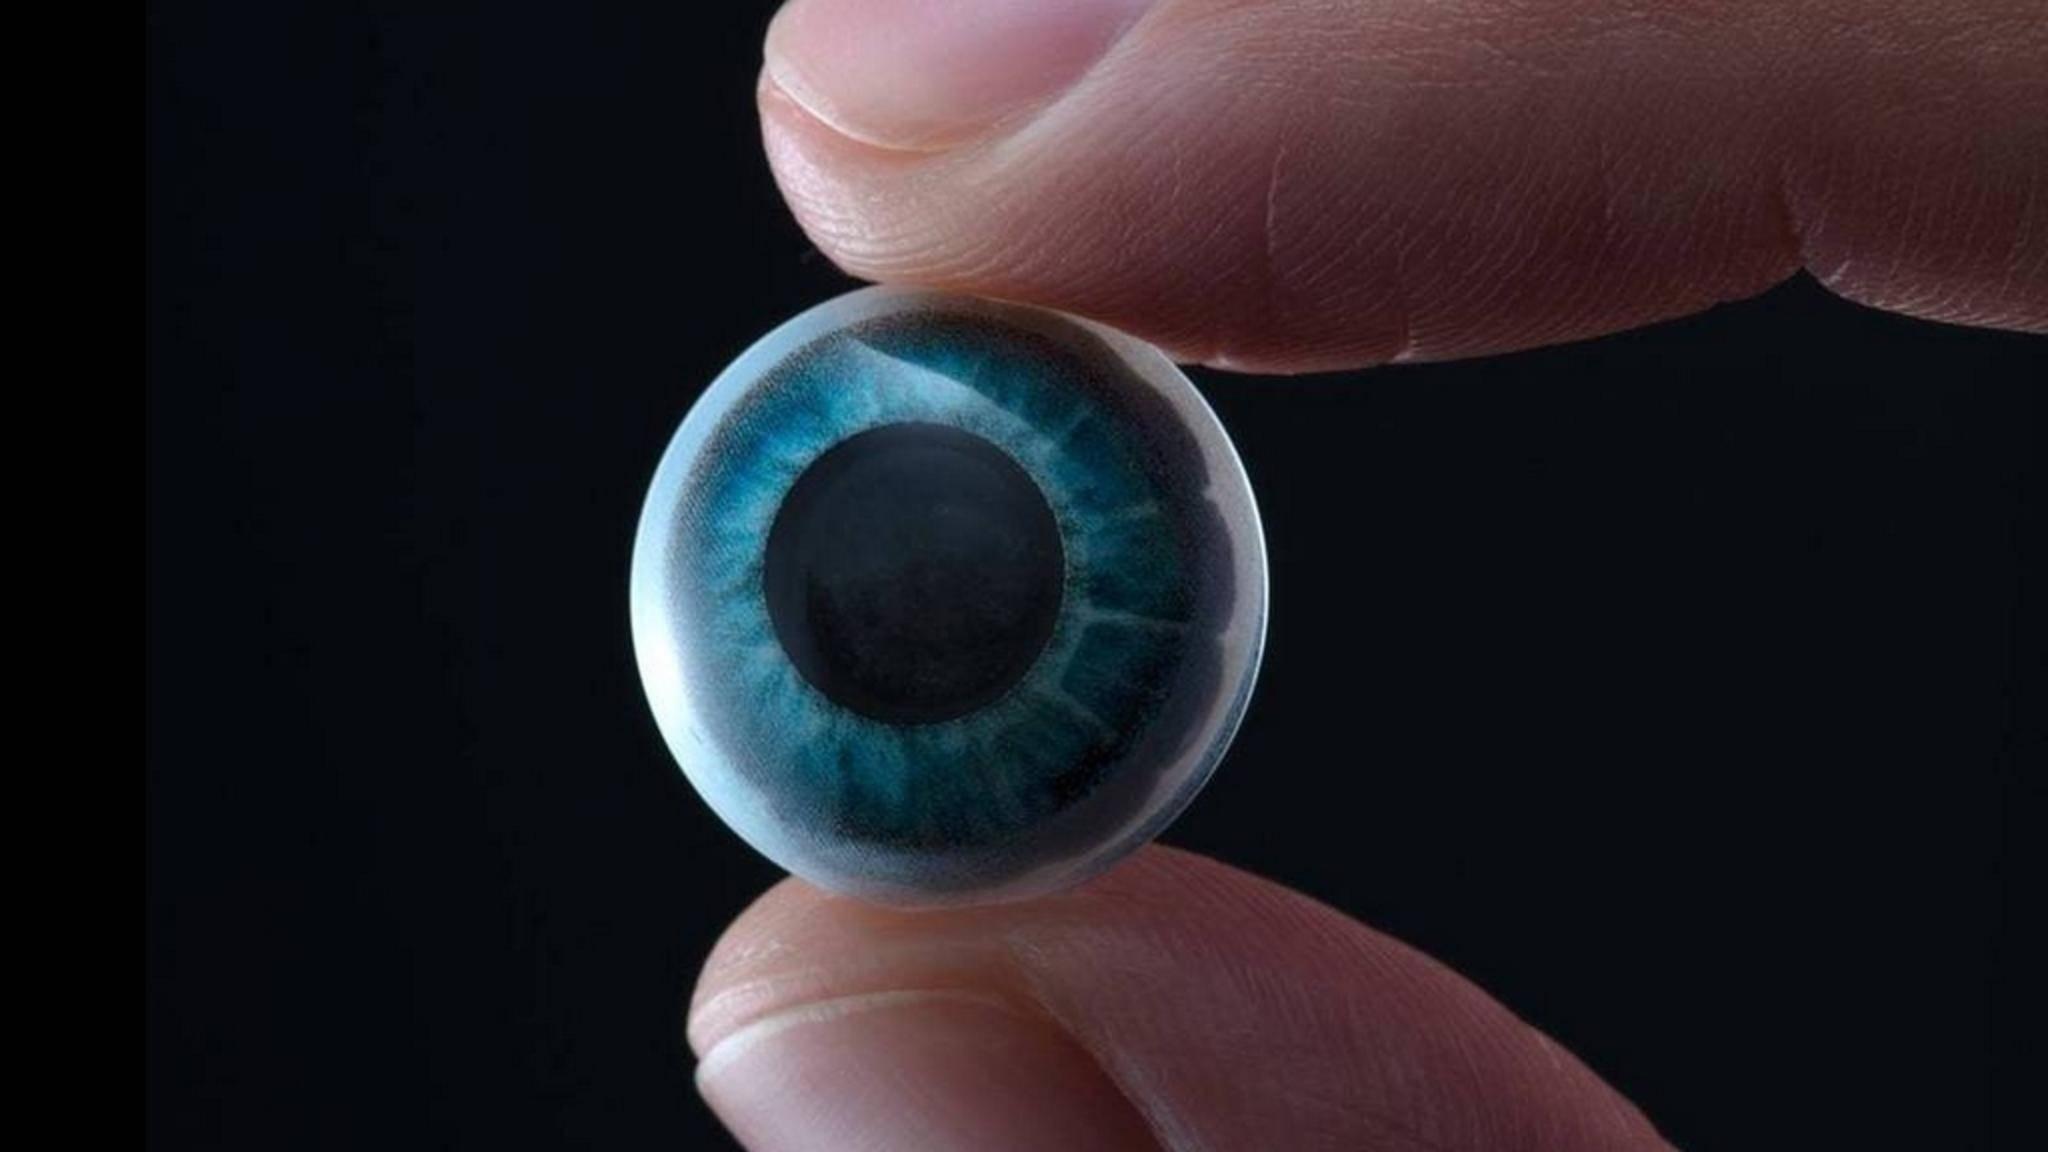 Mojo Vision will die erste AR-Kontaktlinse der Welt auf den Markt bringen.